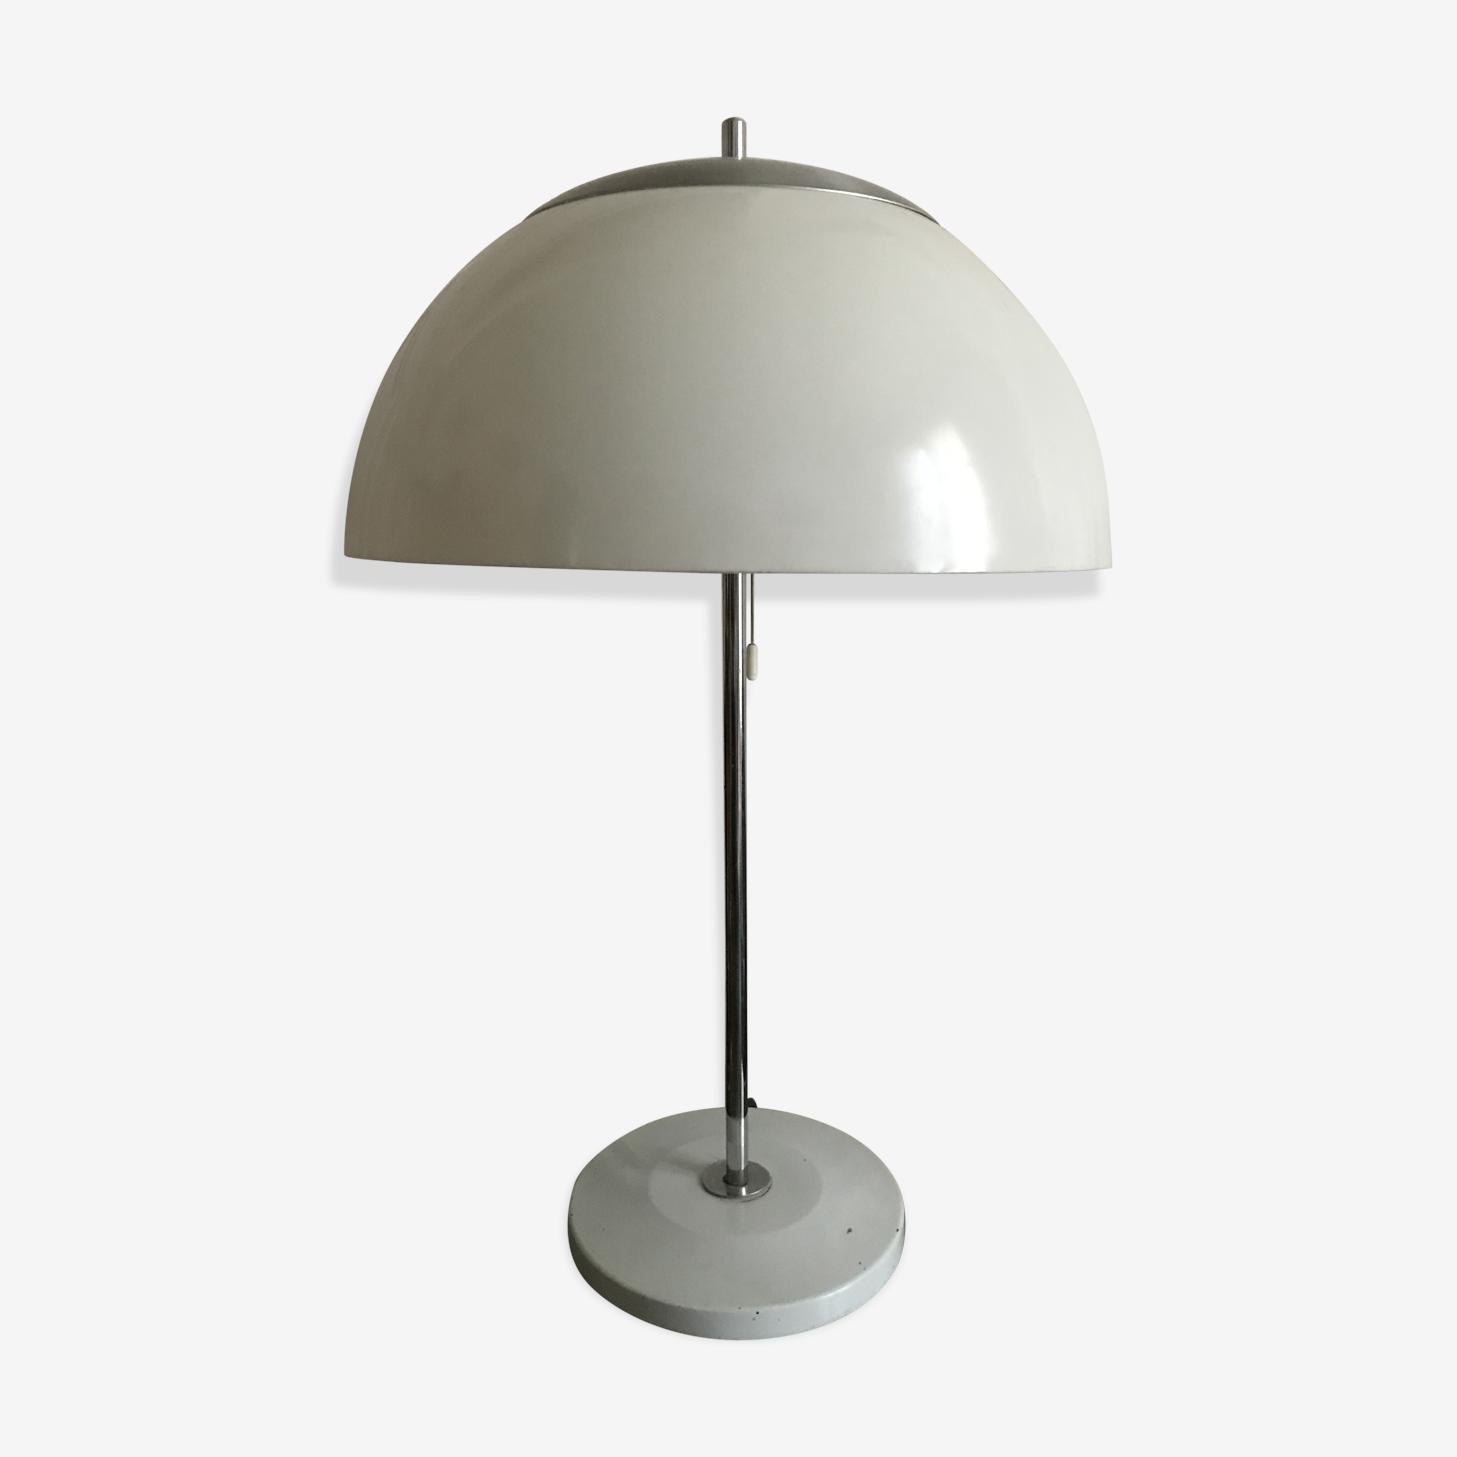 Lampe Champignon Unilux Plastic White Vintage D5igrzr